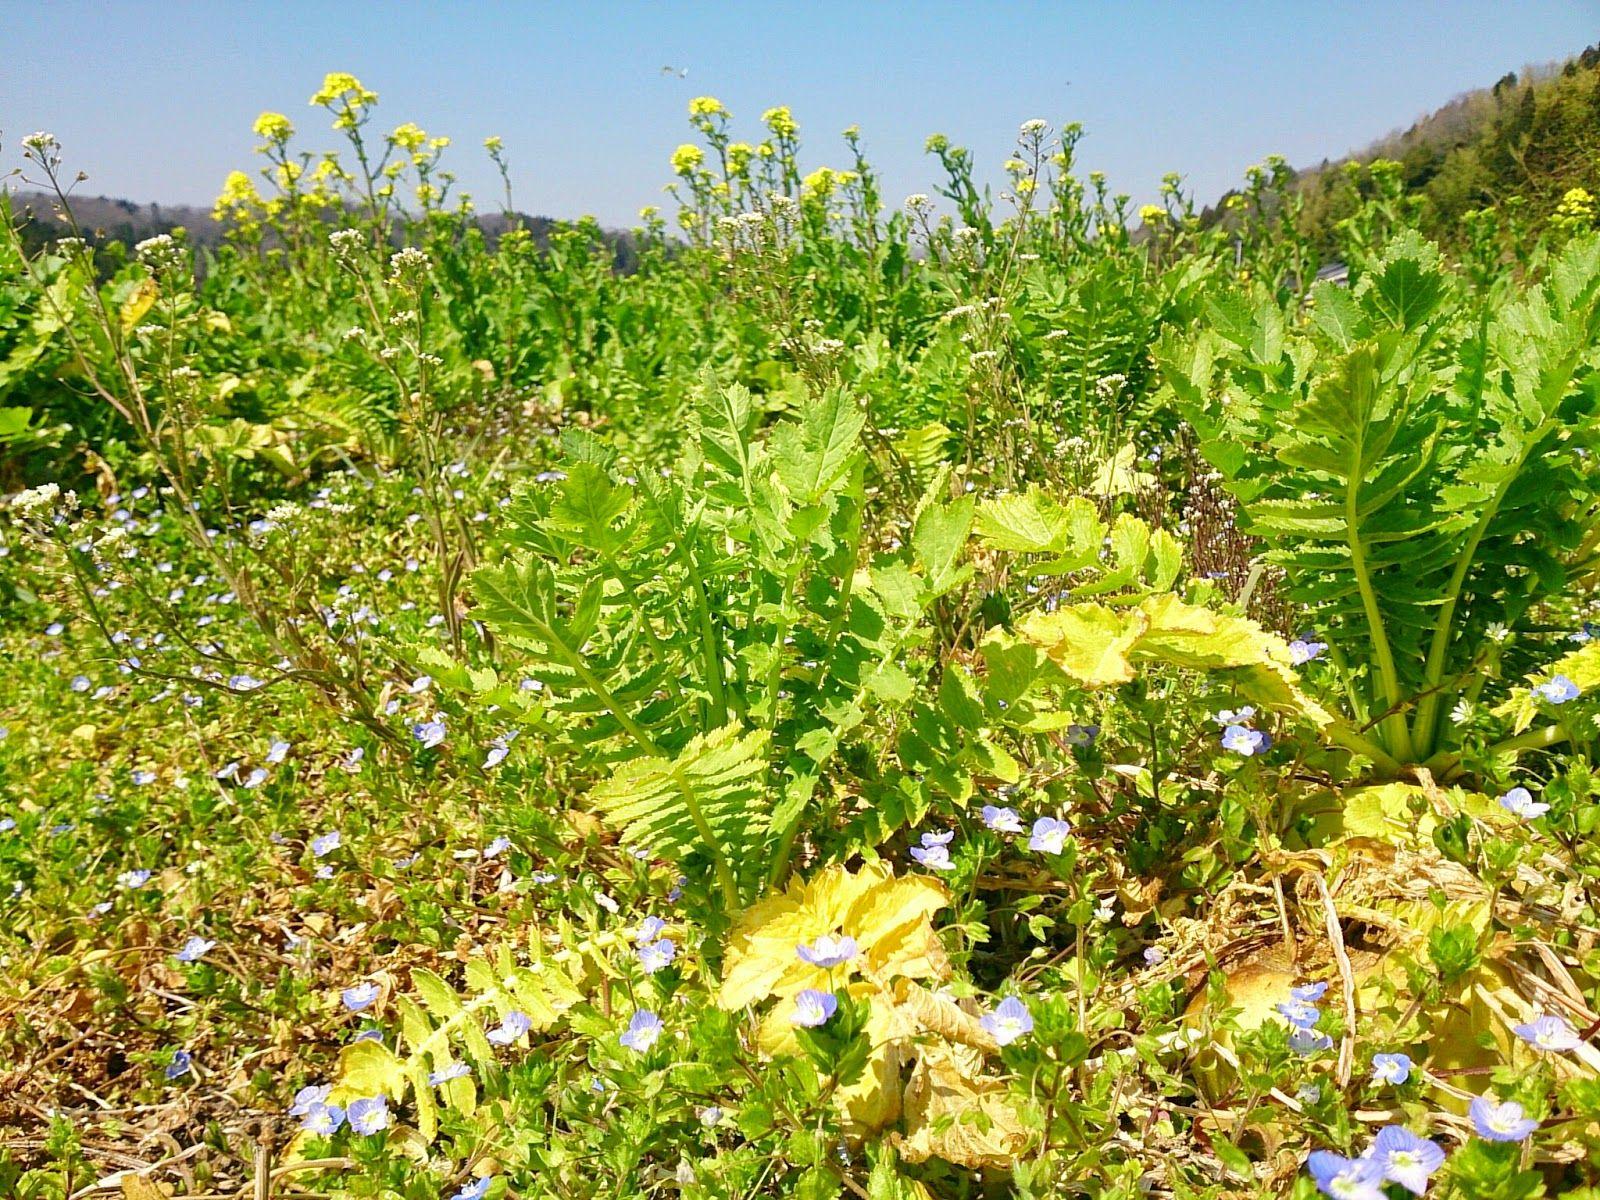 #farm #flowers #field